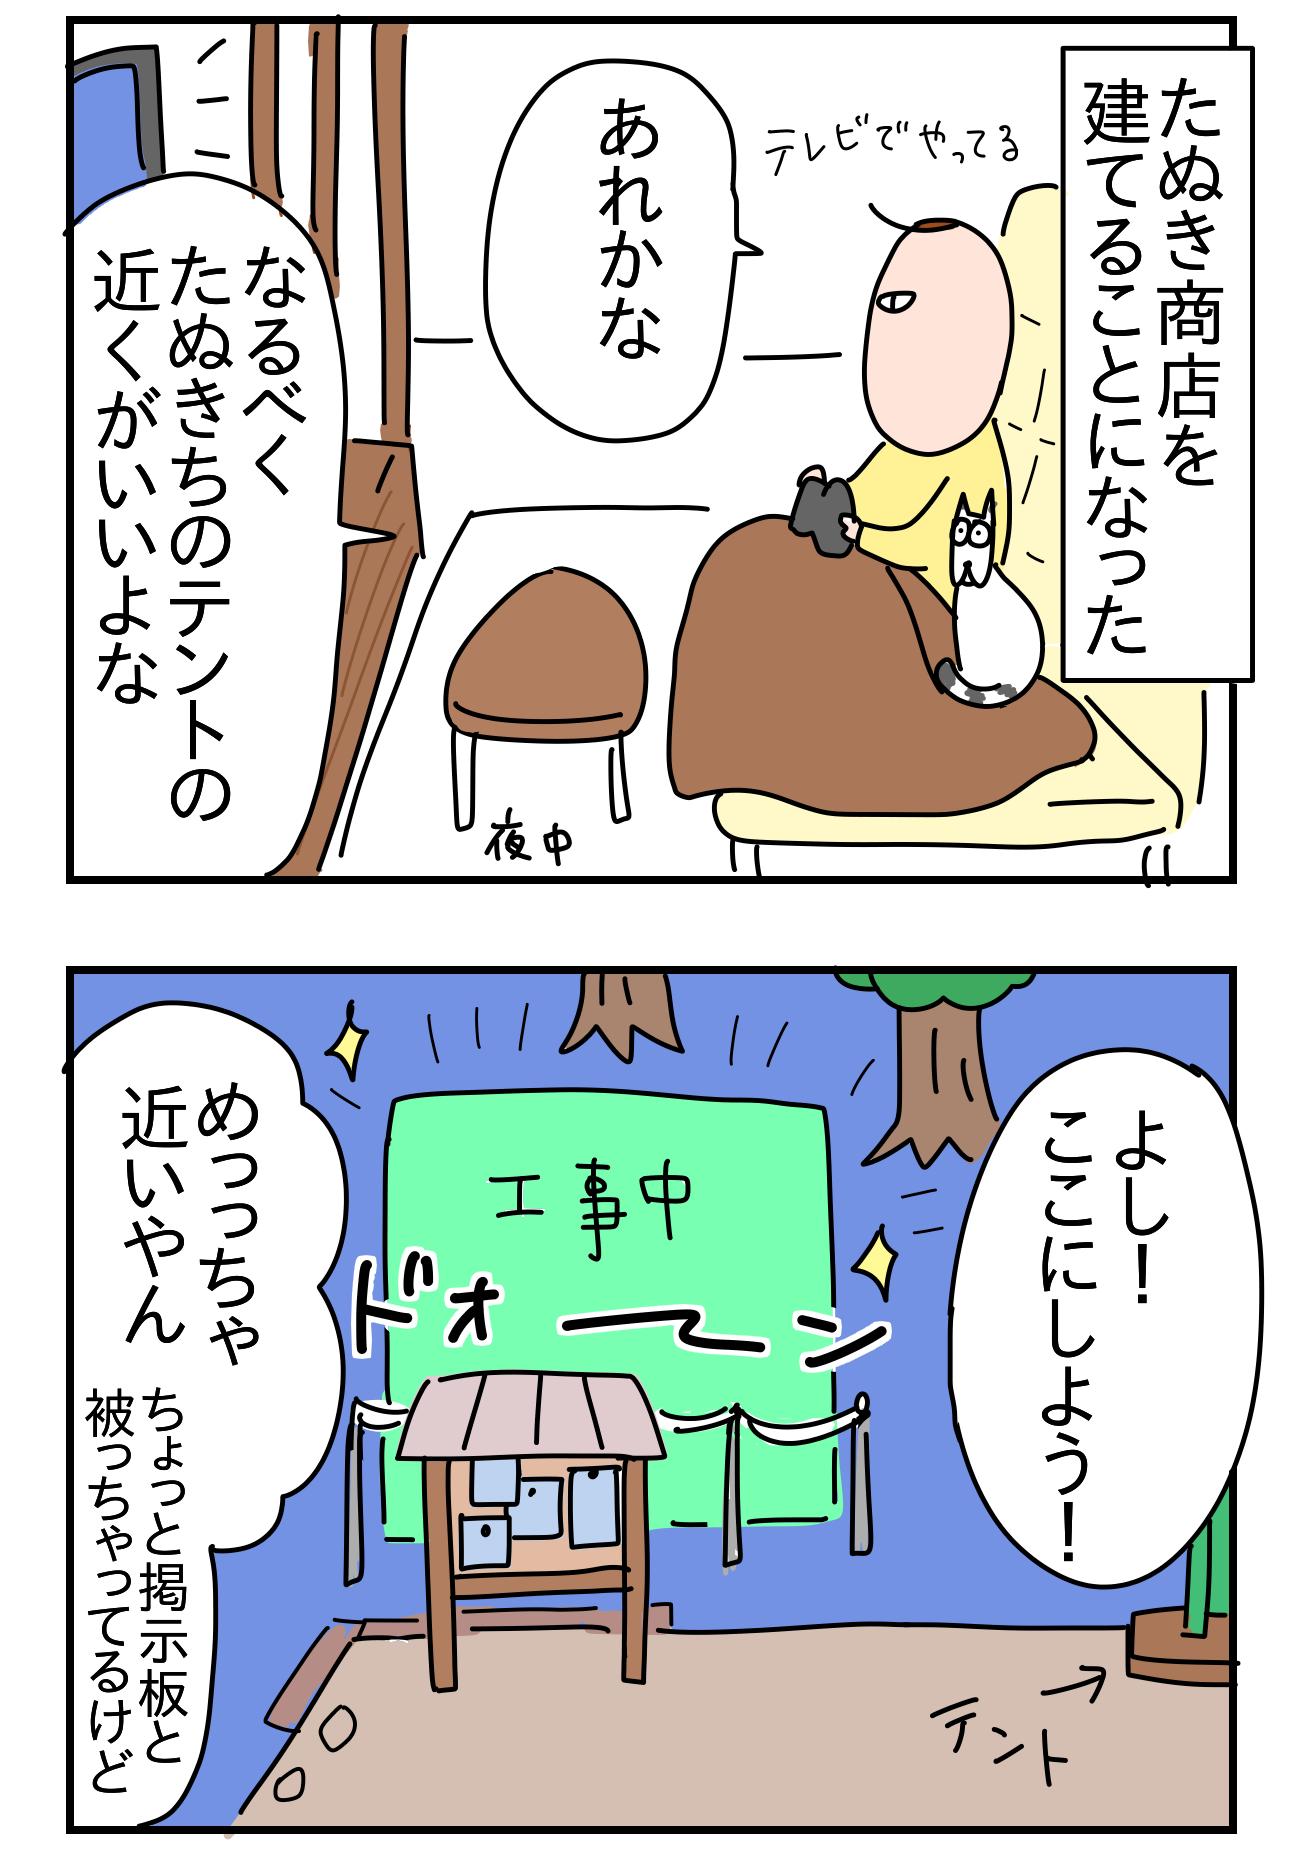 位置 あつ森 タヌキ商店